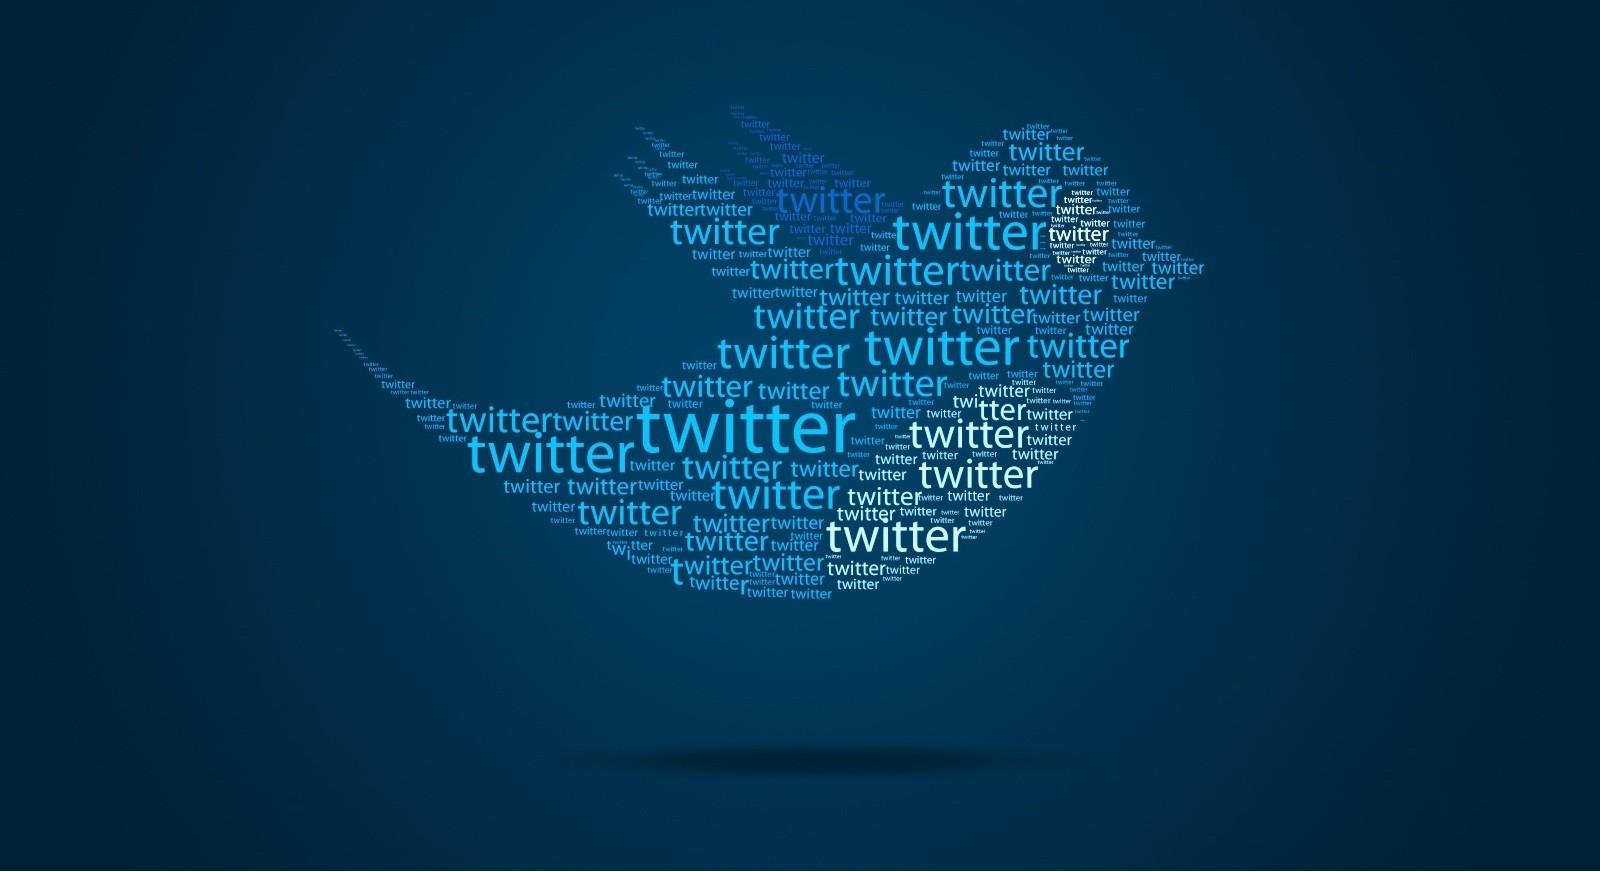 Твиттер может выпустить премиум-версию для экспертов